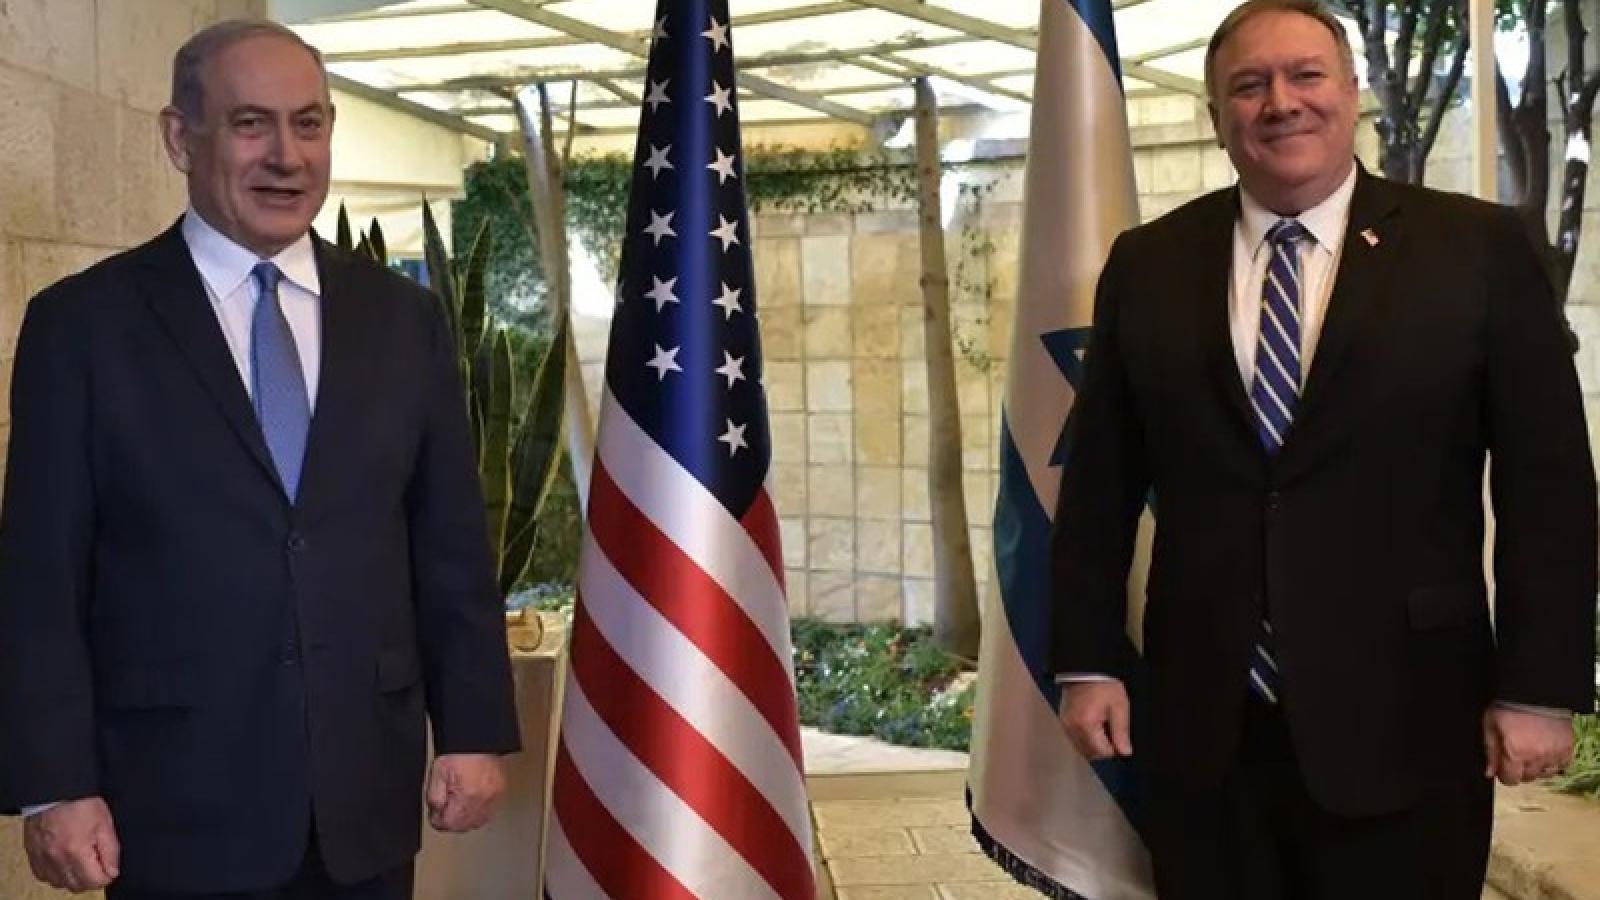 Ngoại trưởng Mỹ thăm Israel bàn luận về Iran và dịch Covid-19